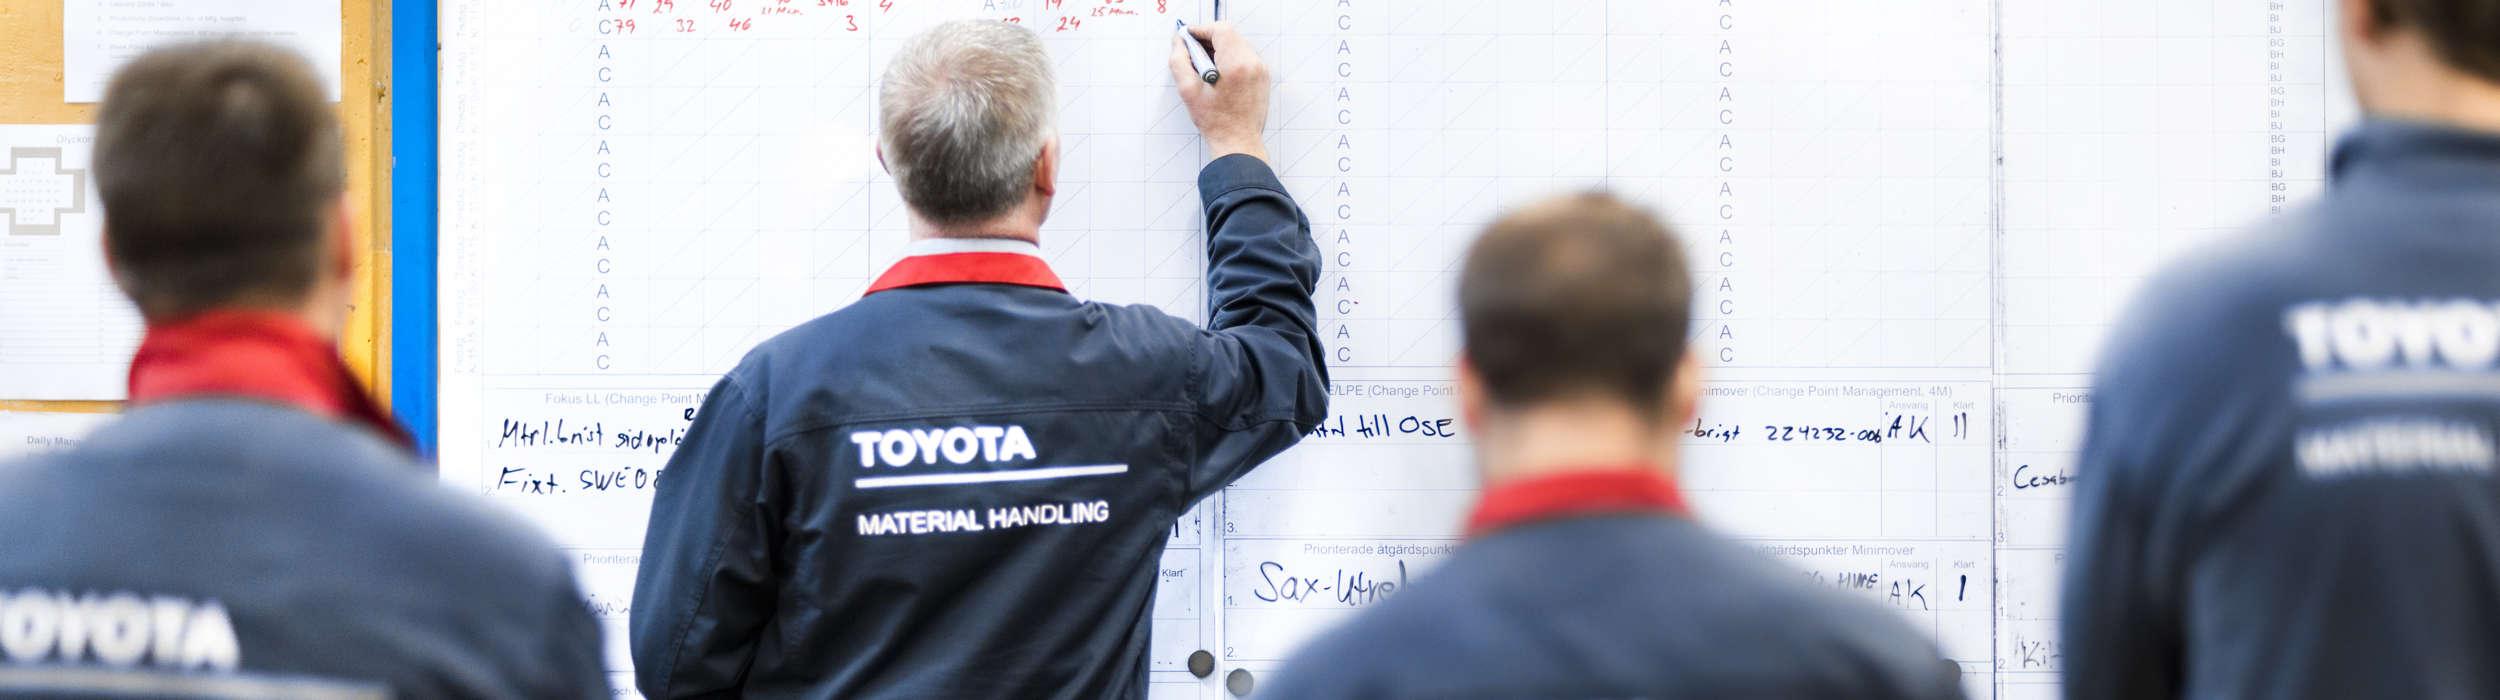 Empilhadores Toyota